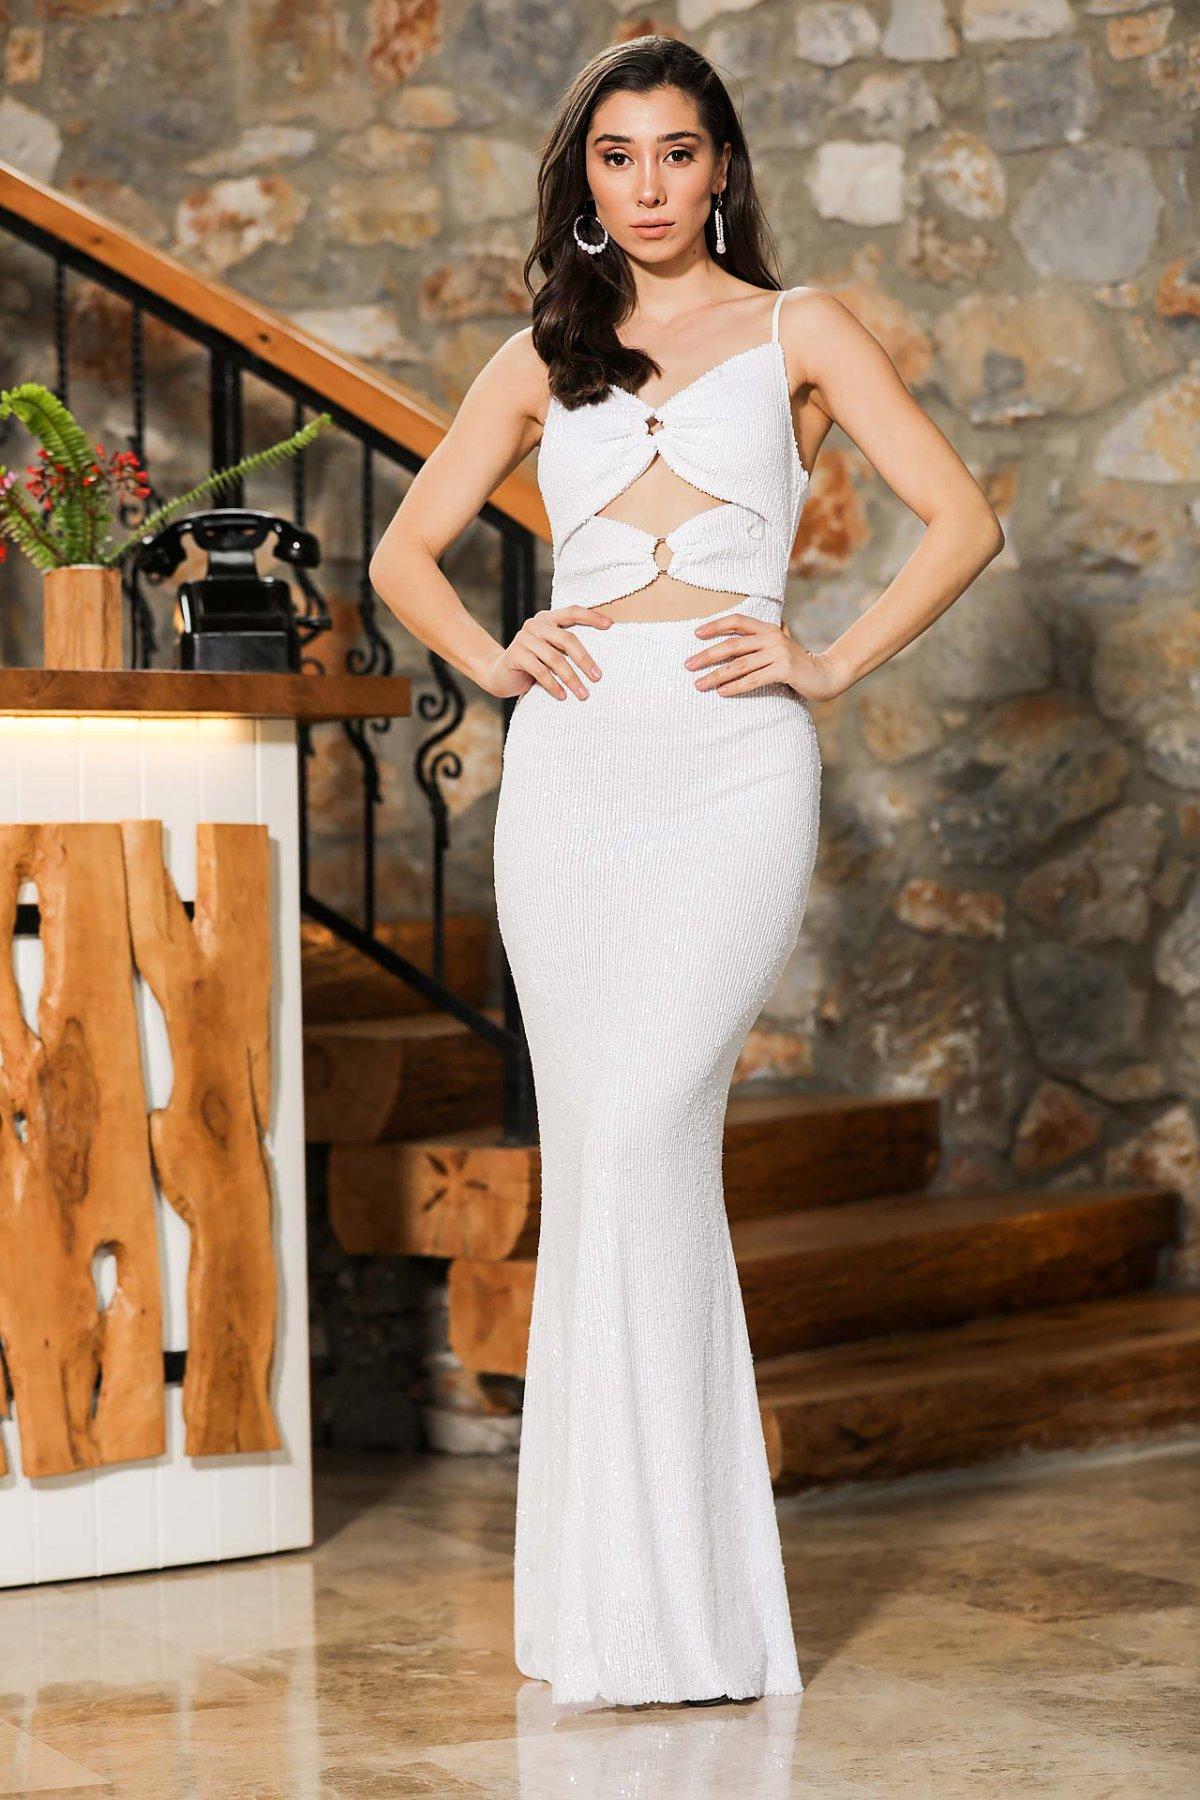 Patırtı Askılı Beyaz Pullu Dekolteli Ekru Balık Model Uzun Abiye Elbise